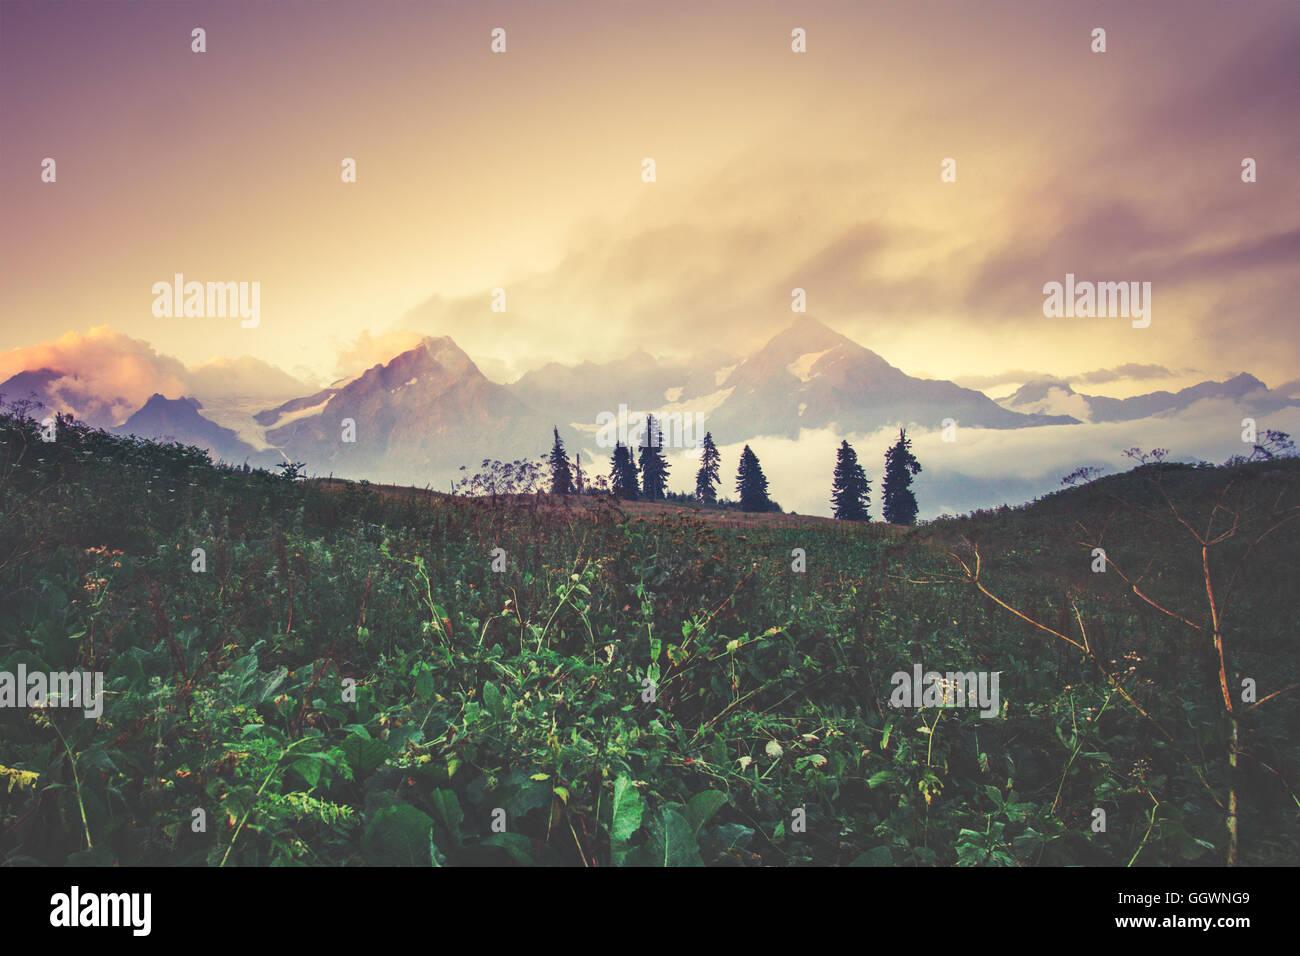 Schöner Sonnenuntergang Berge Landschaft Sommer Reisen szenische Ansicht Stockbild